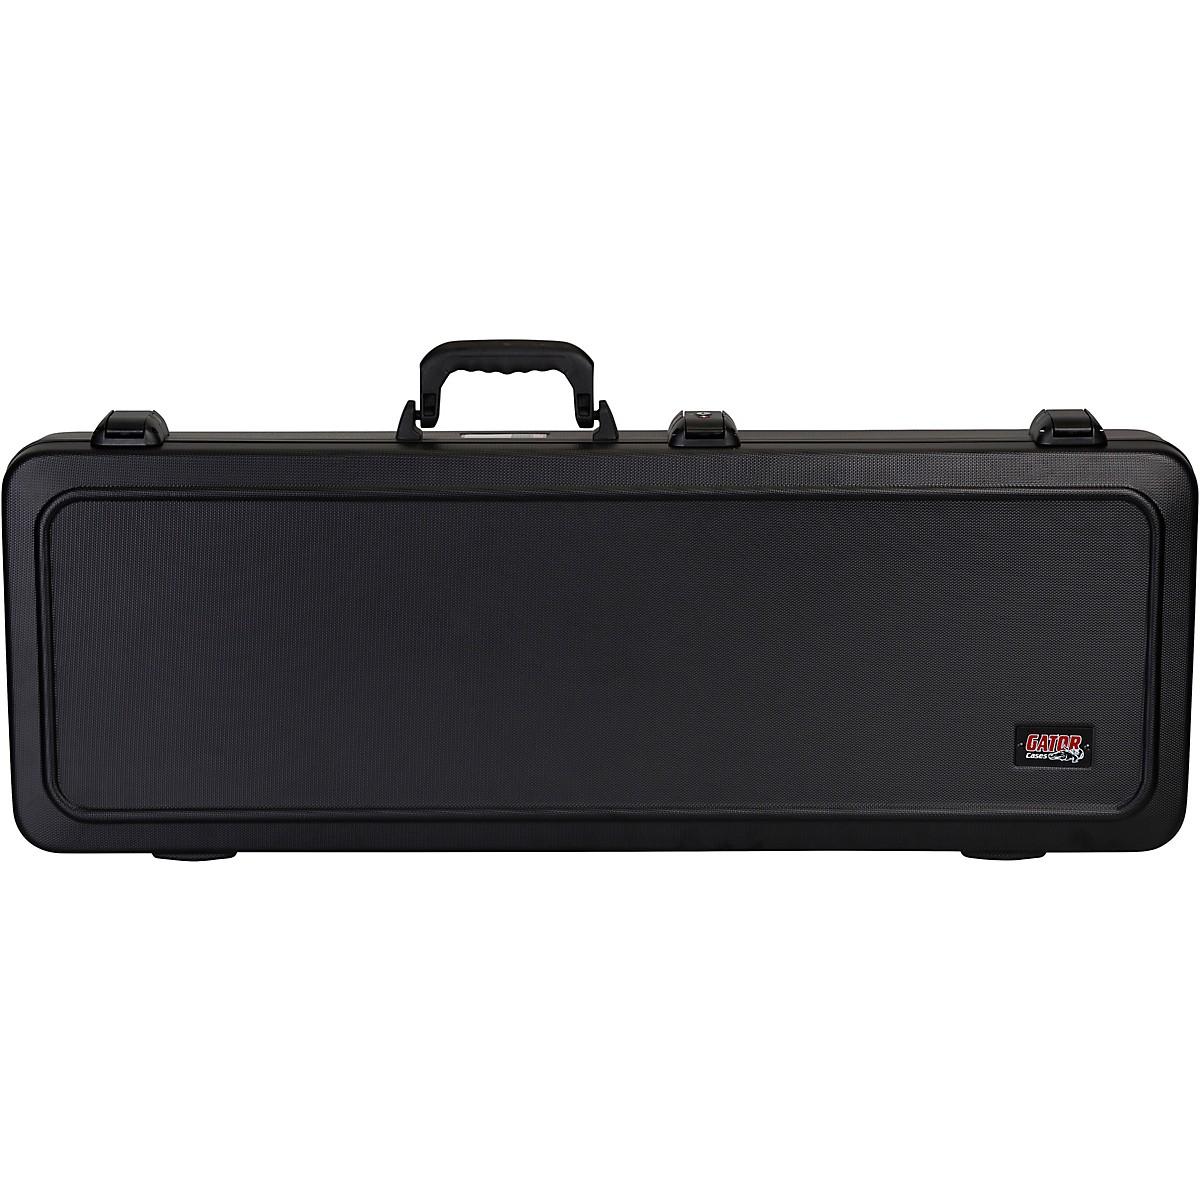 Gator TSA Series ATA Molded Electric Guitar Case